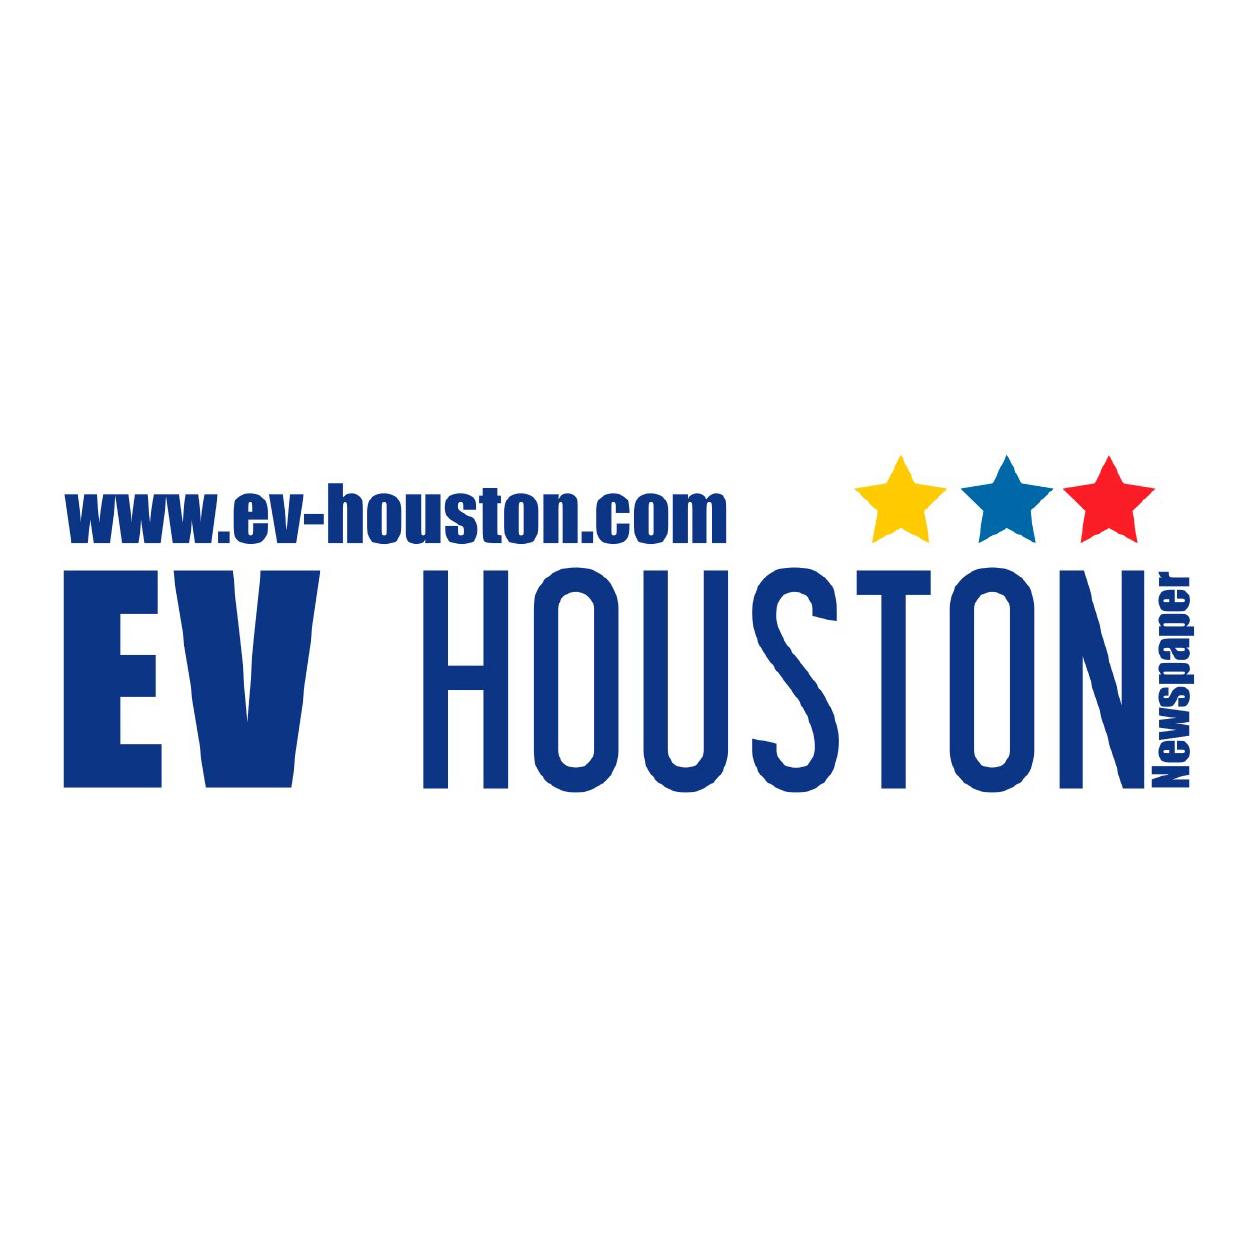 EV Houston